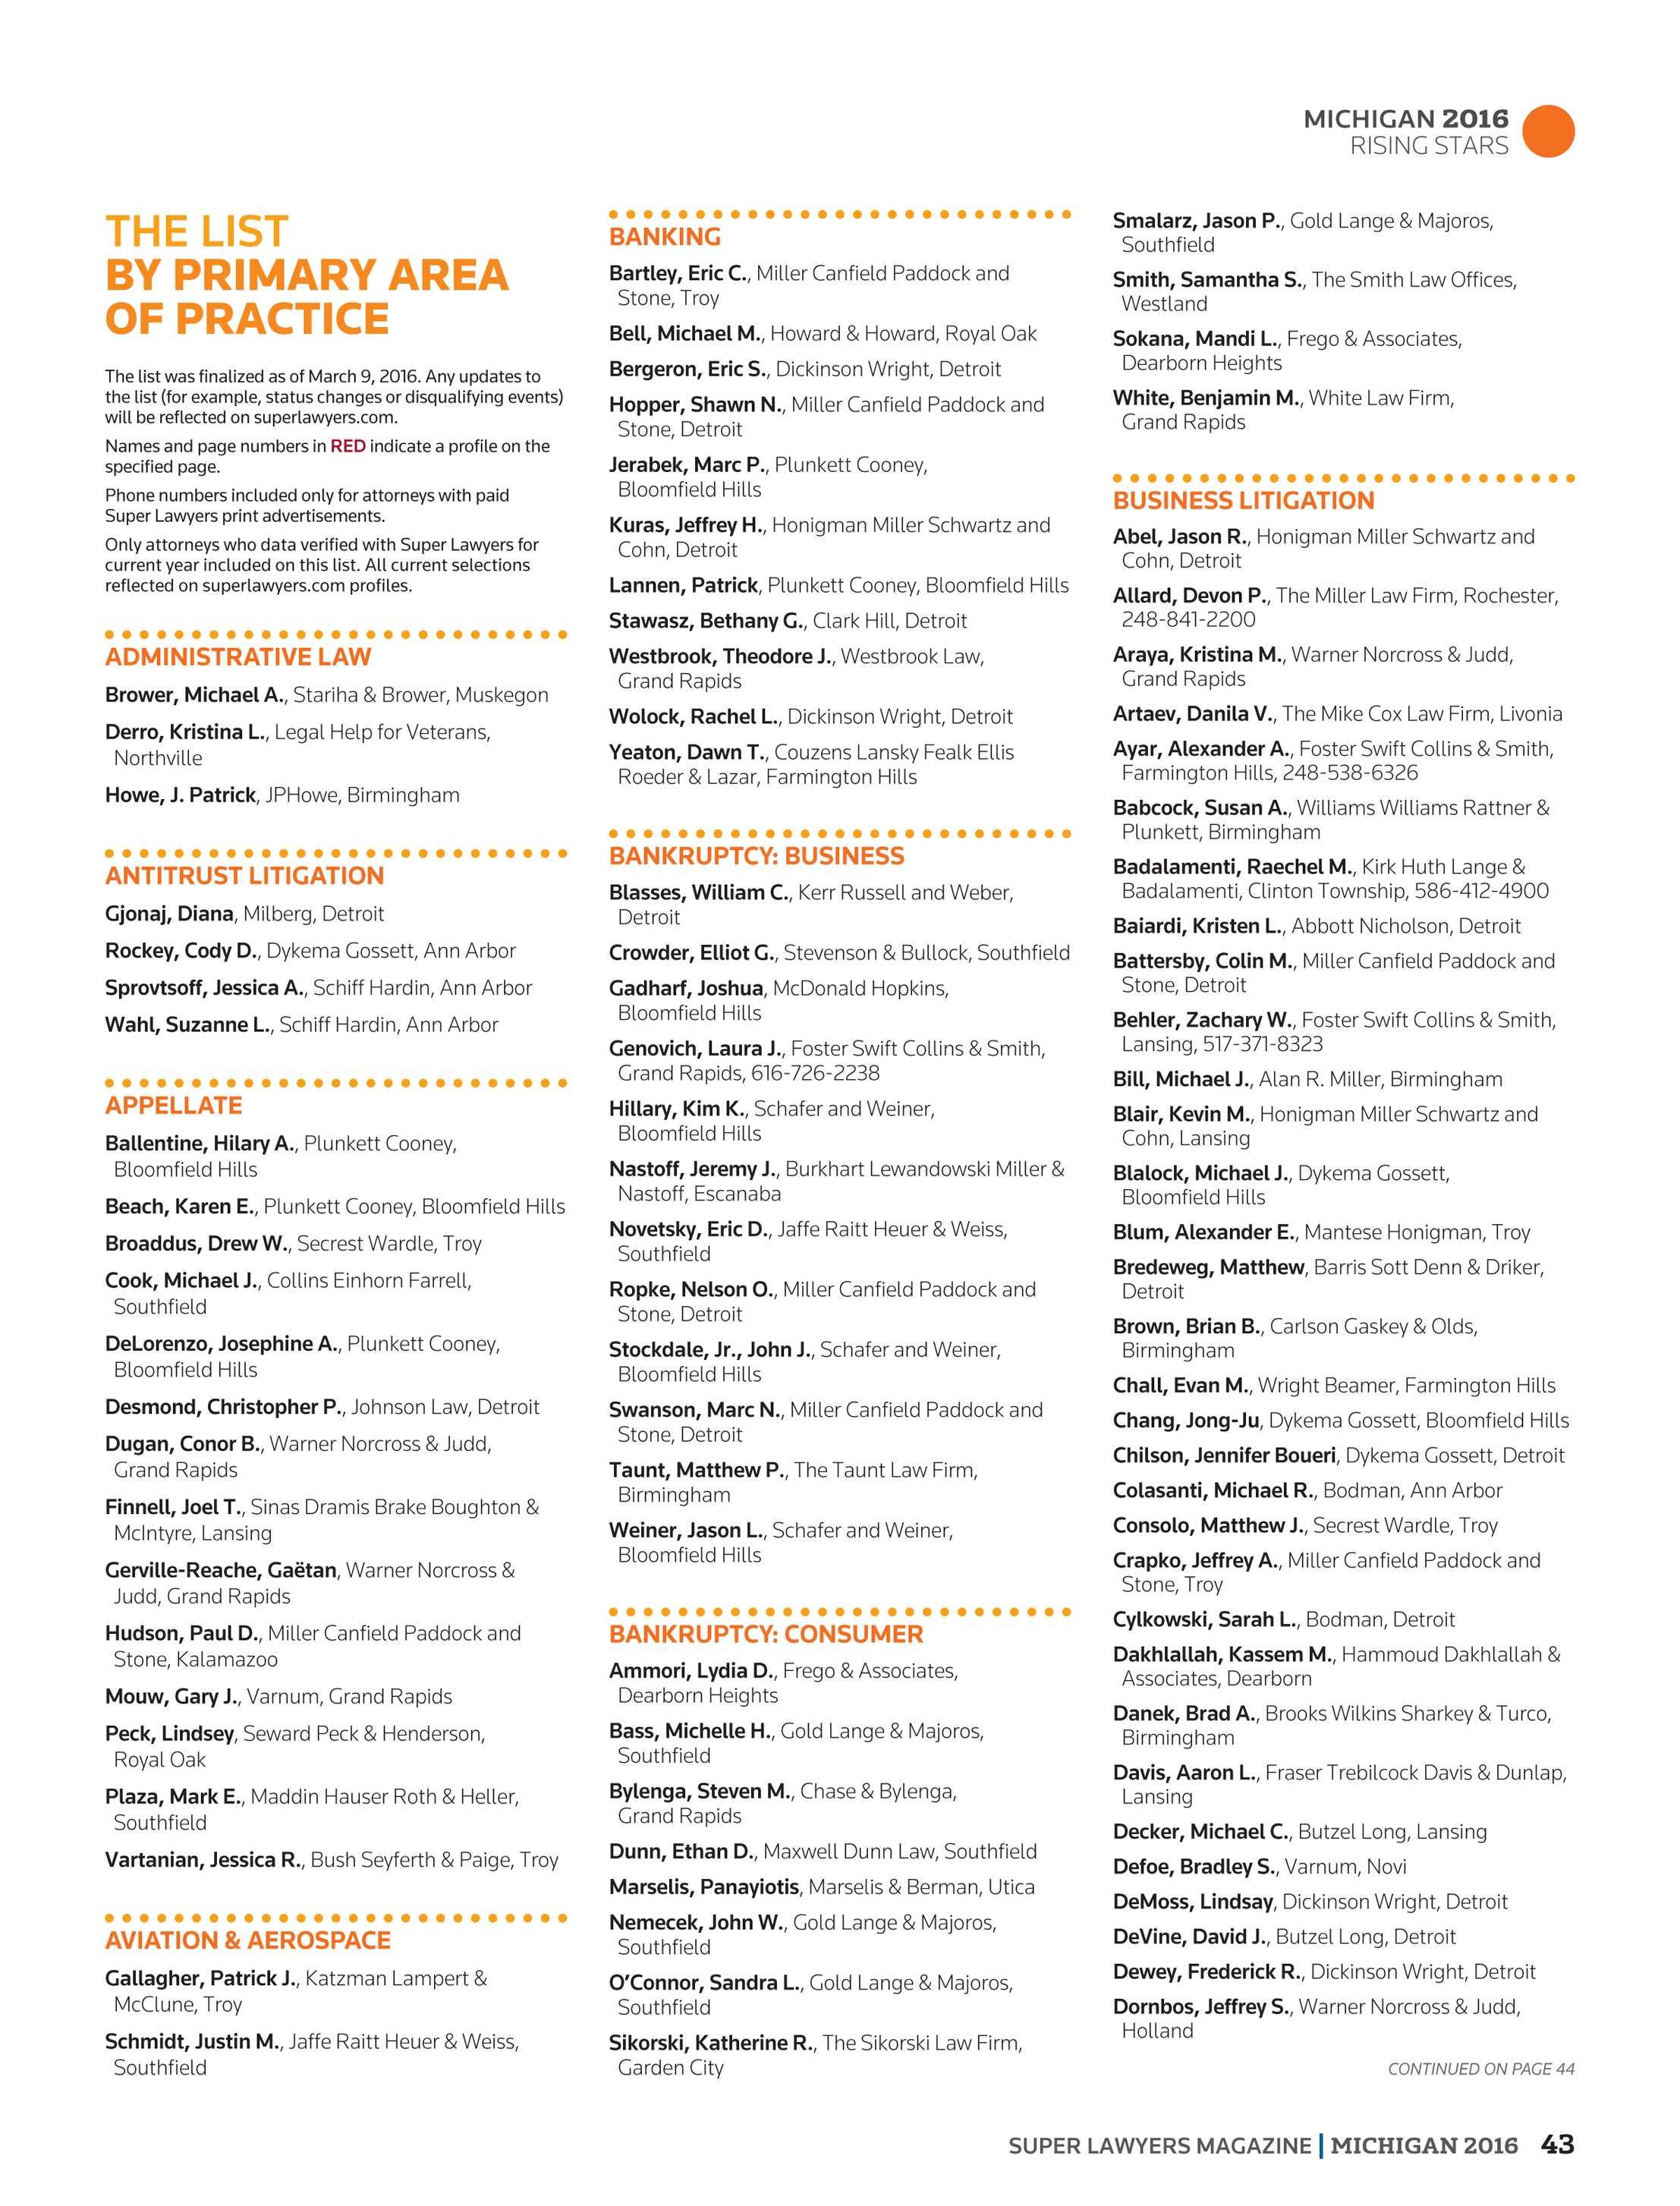 Super Lawyers Michigan 2016 Page 43